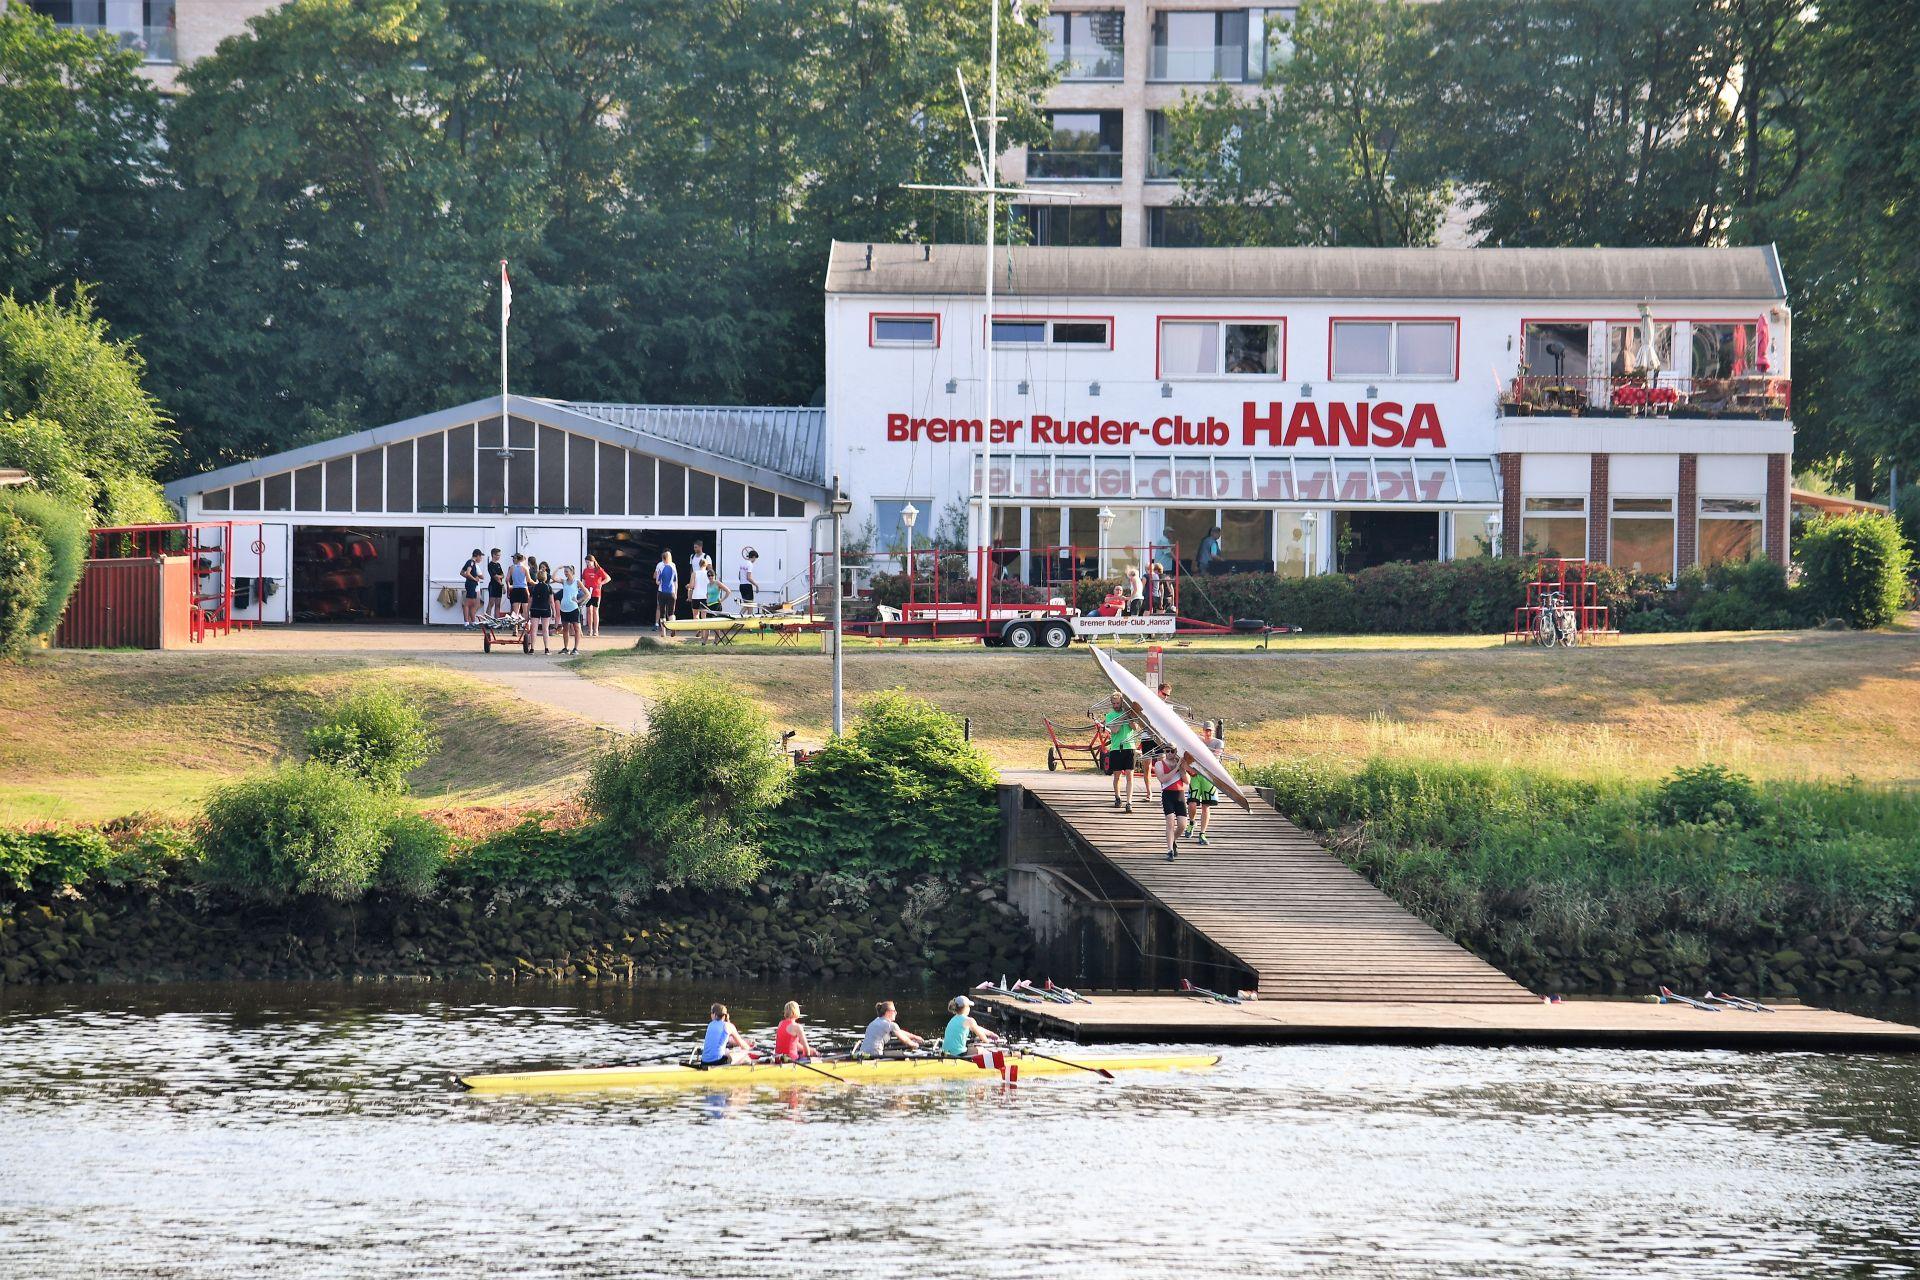 Bremer Ruder Club Hansa e.V.